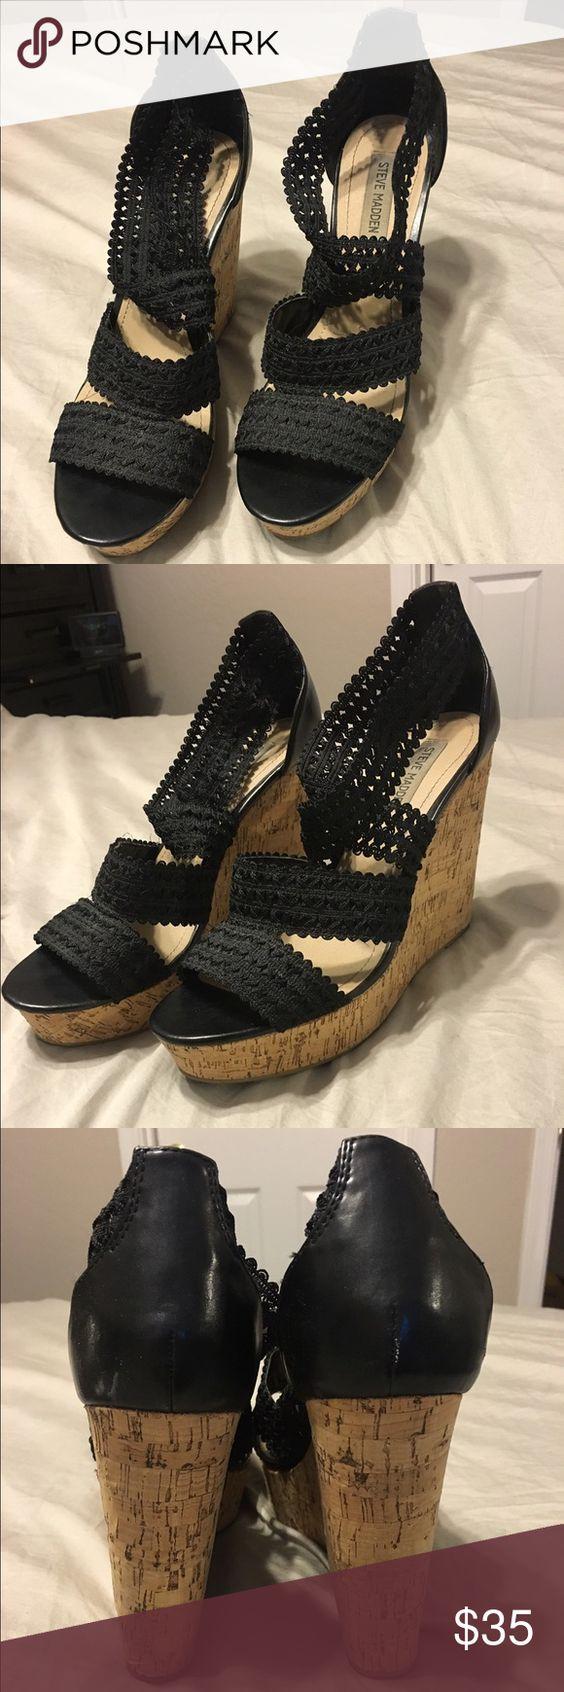 Steve Madden wedges Black crochet Steeve Madden wedges. Size 11. Worn 3x. Steve Madden Shoes Wedges